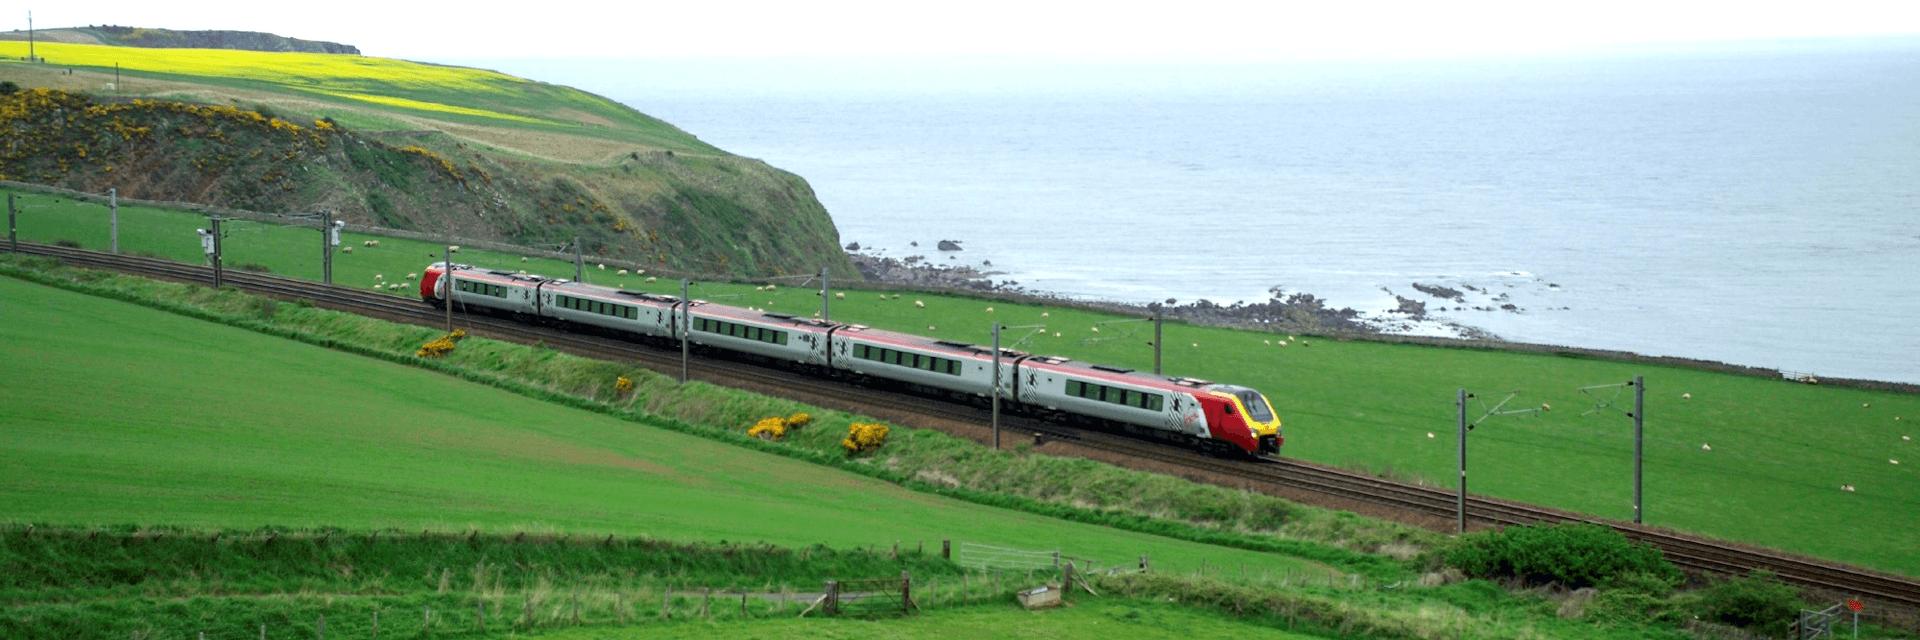 Britrail treinpassen Schotland - Schotland - Schotland: zuiden